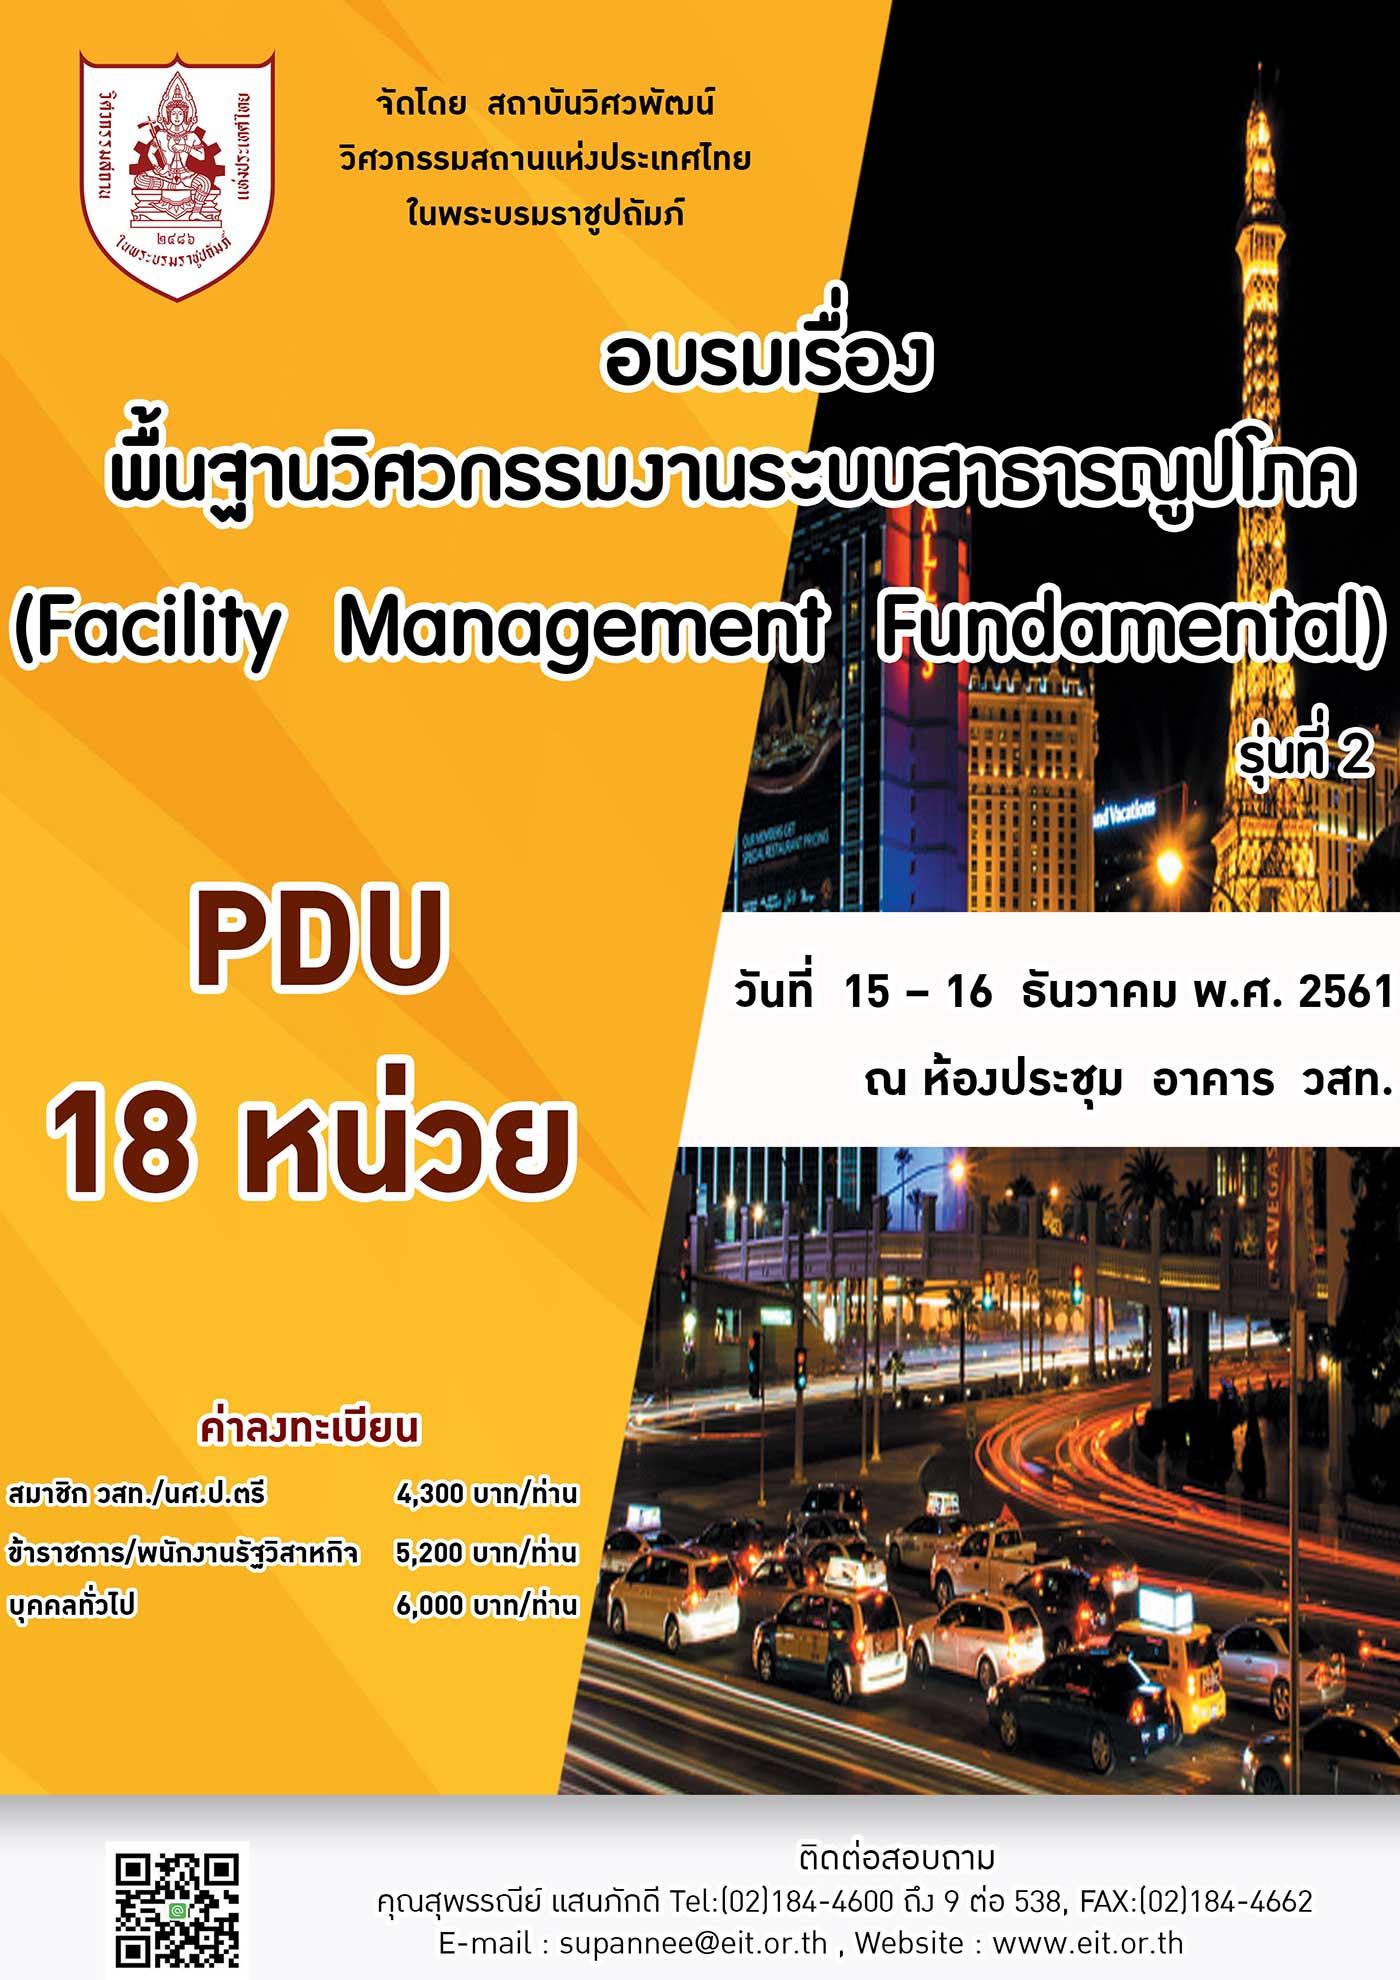 15-16/12/2561 การอบรมเรื่อง พื้นฐานวิศวกรรมงานระบบสาธารณูปโภค (Facility  Management  Fundamental)  รุ่นที่ 2